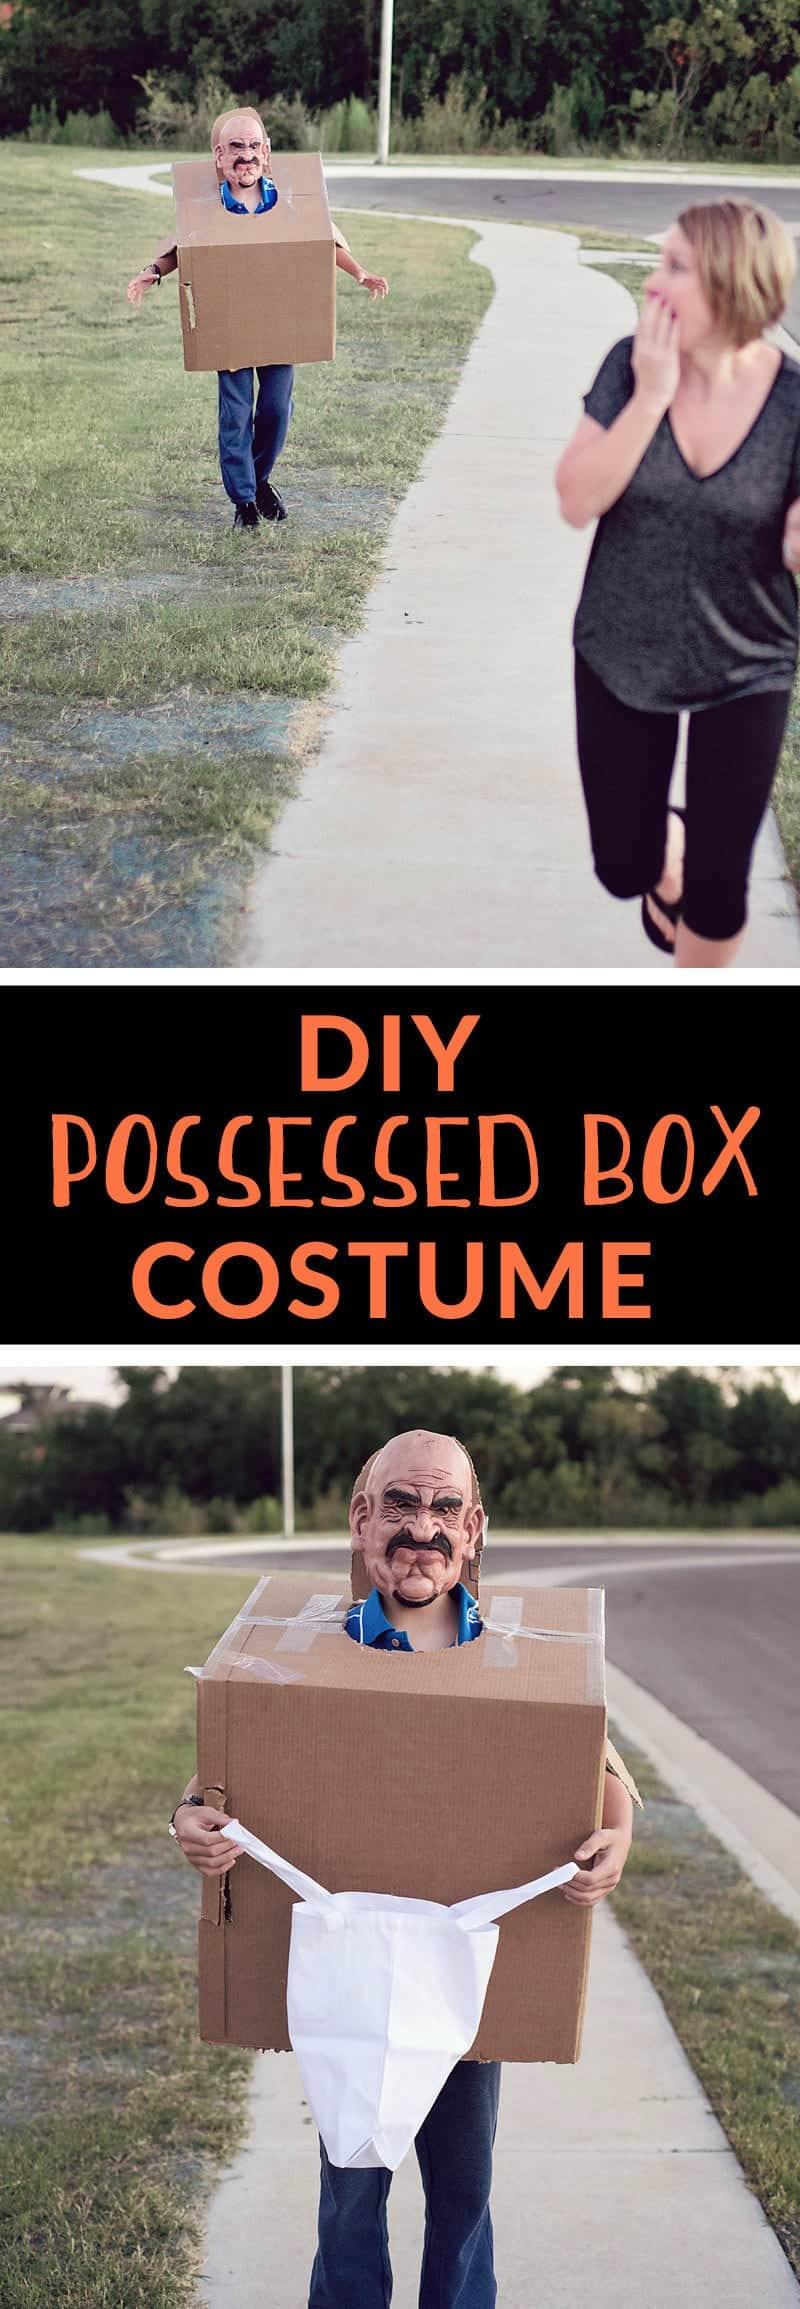 DIY Possessed Box Costume (last minute costume ideas)